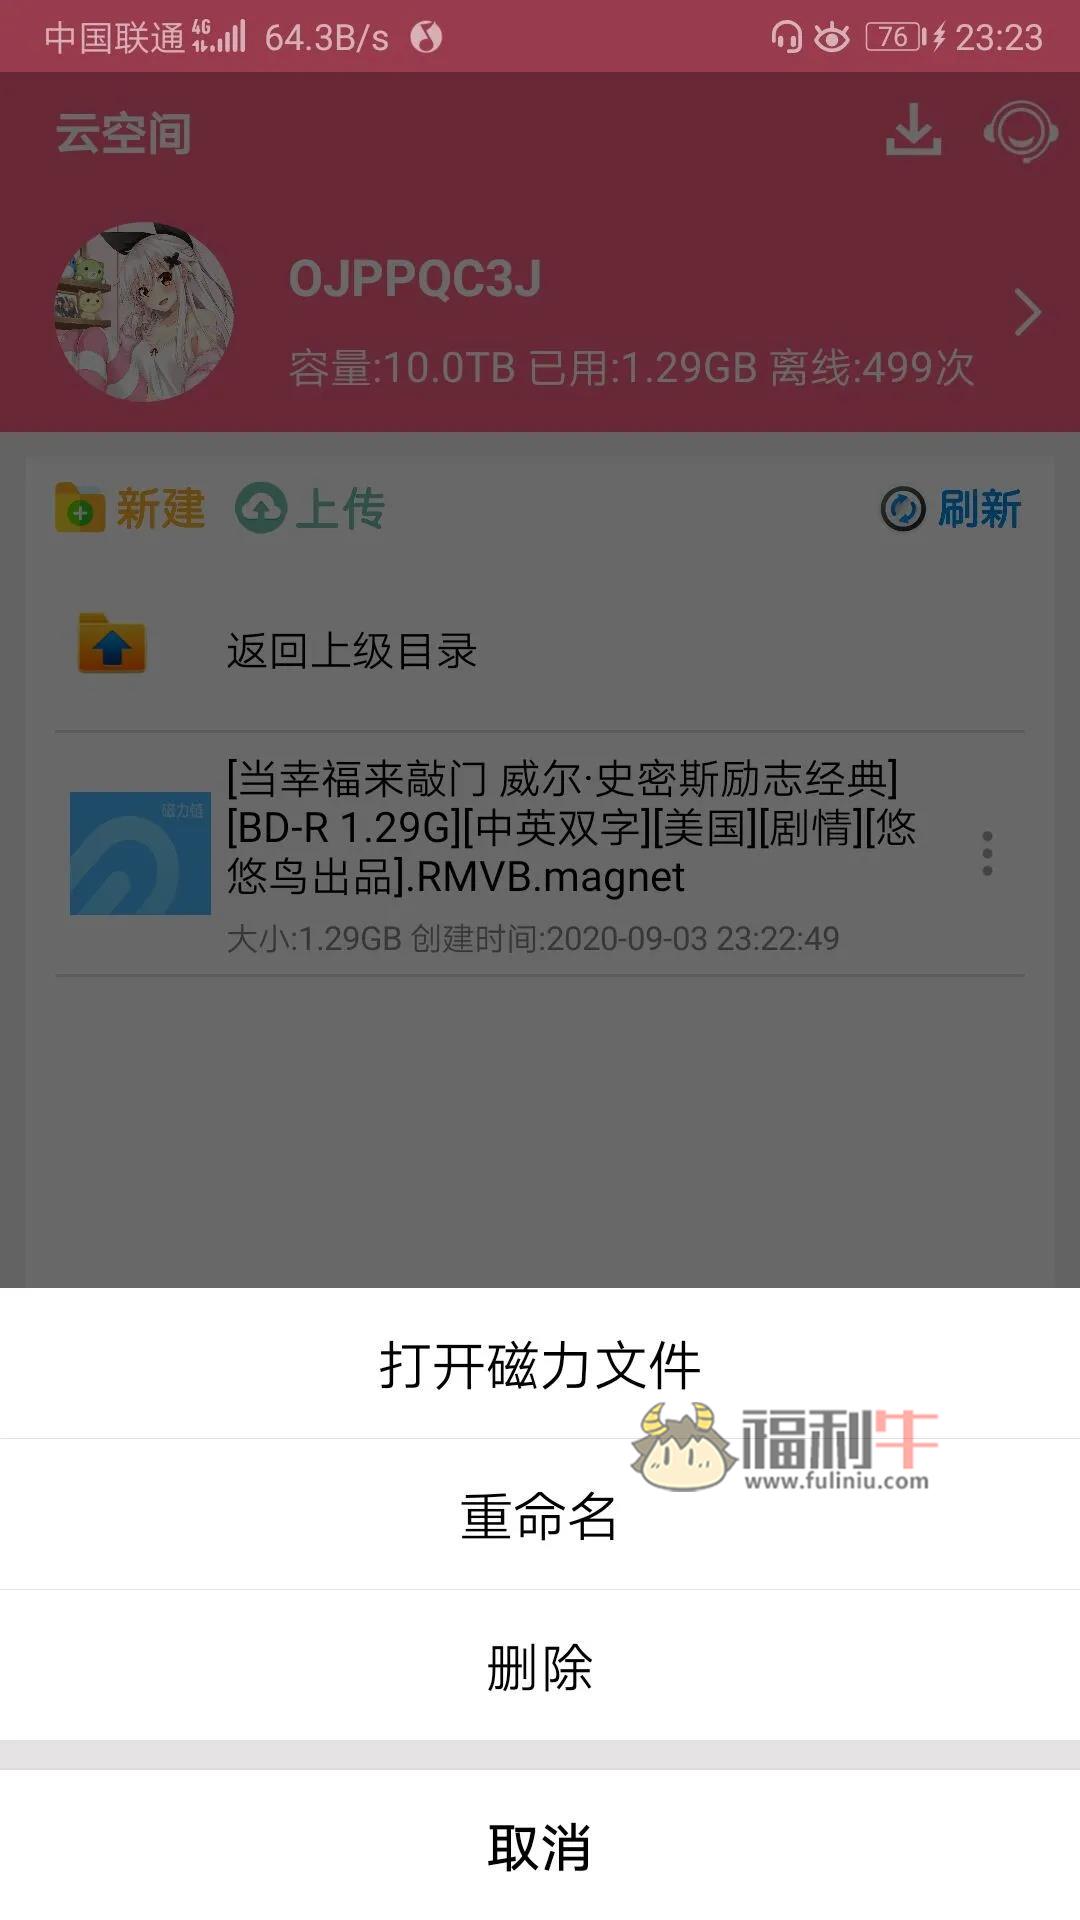 磁力云:最新安卓磁力链接下载软件推荐,支持在线预览!